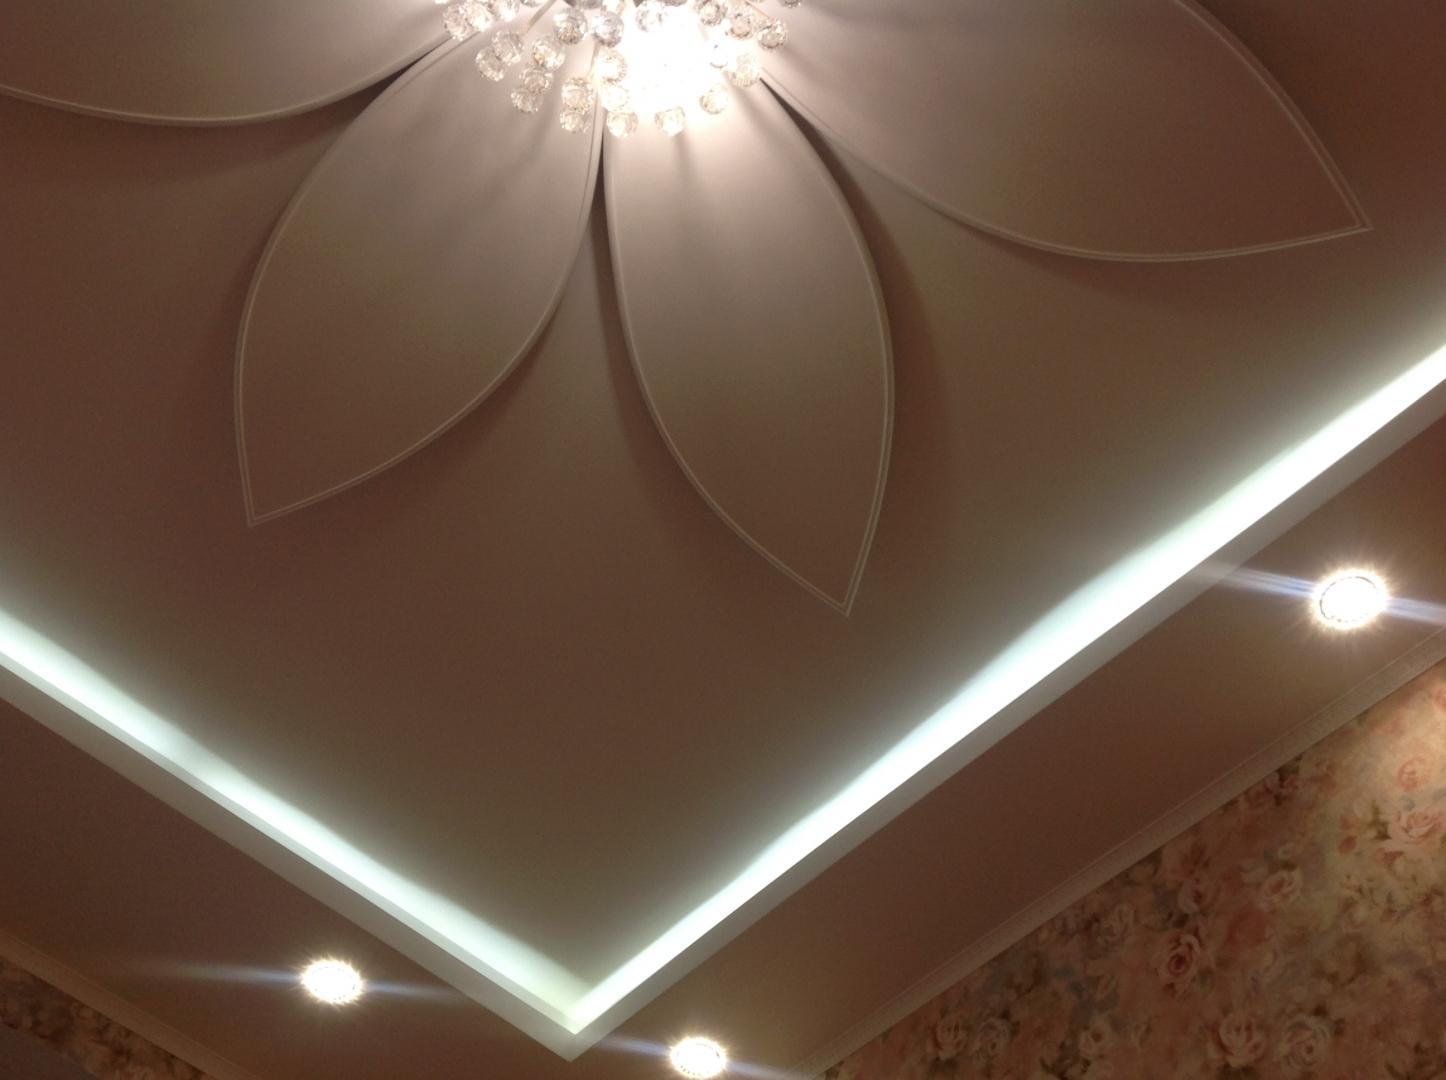 ремонтантный, плодоносит лампочки на гипсокартонные потолки фото истинных